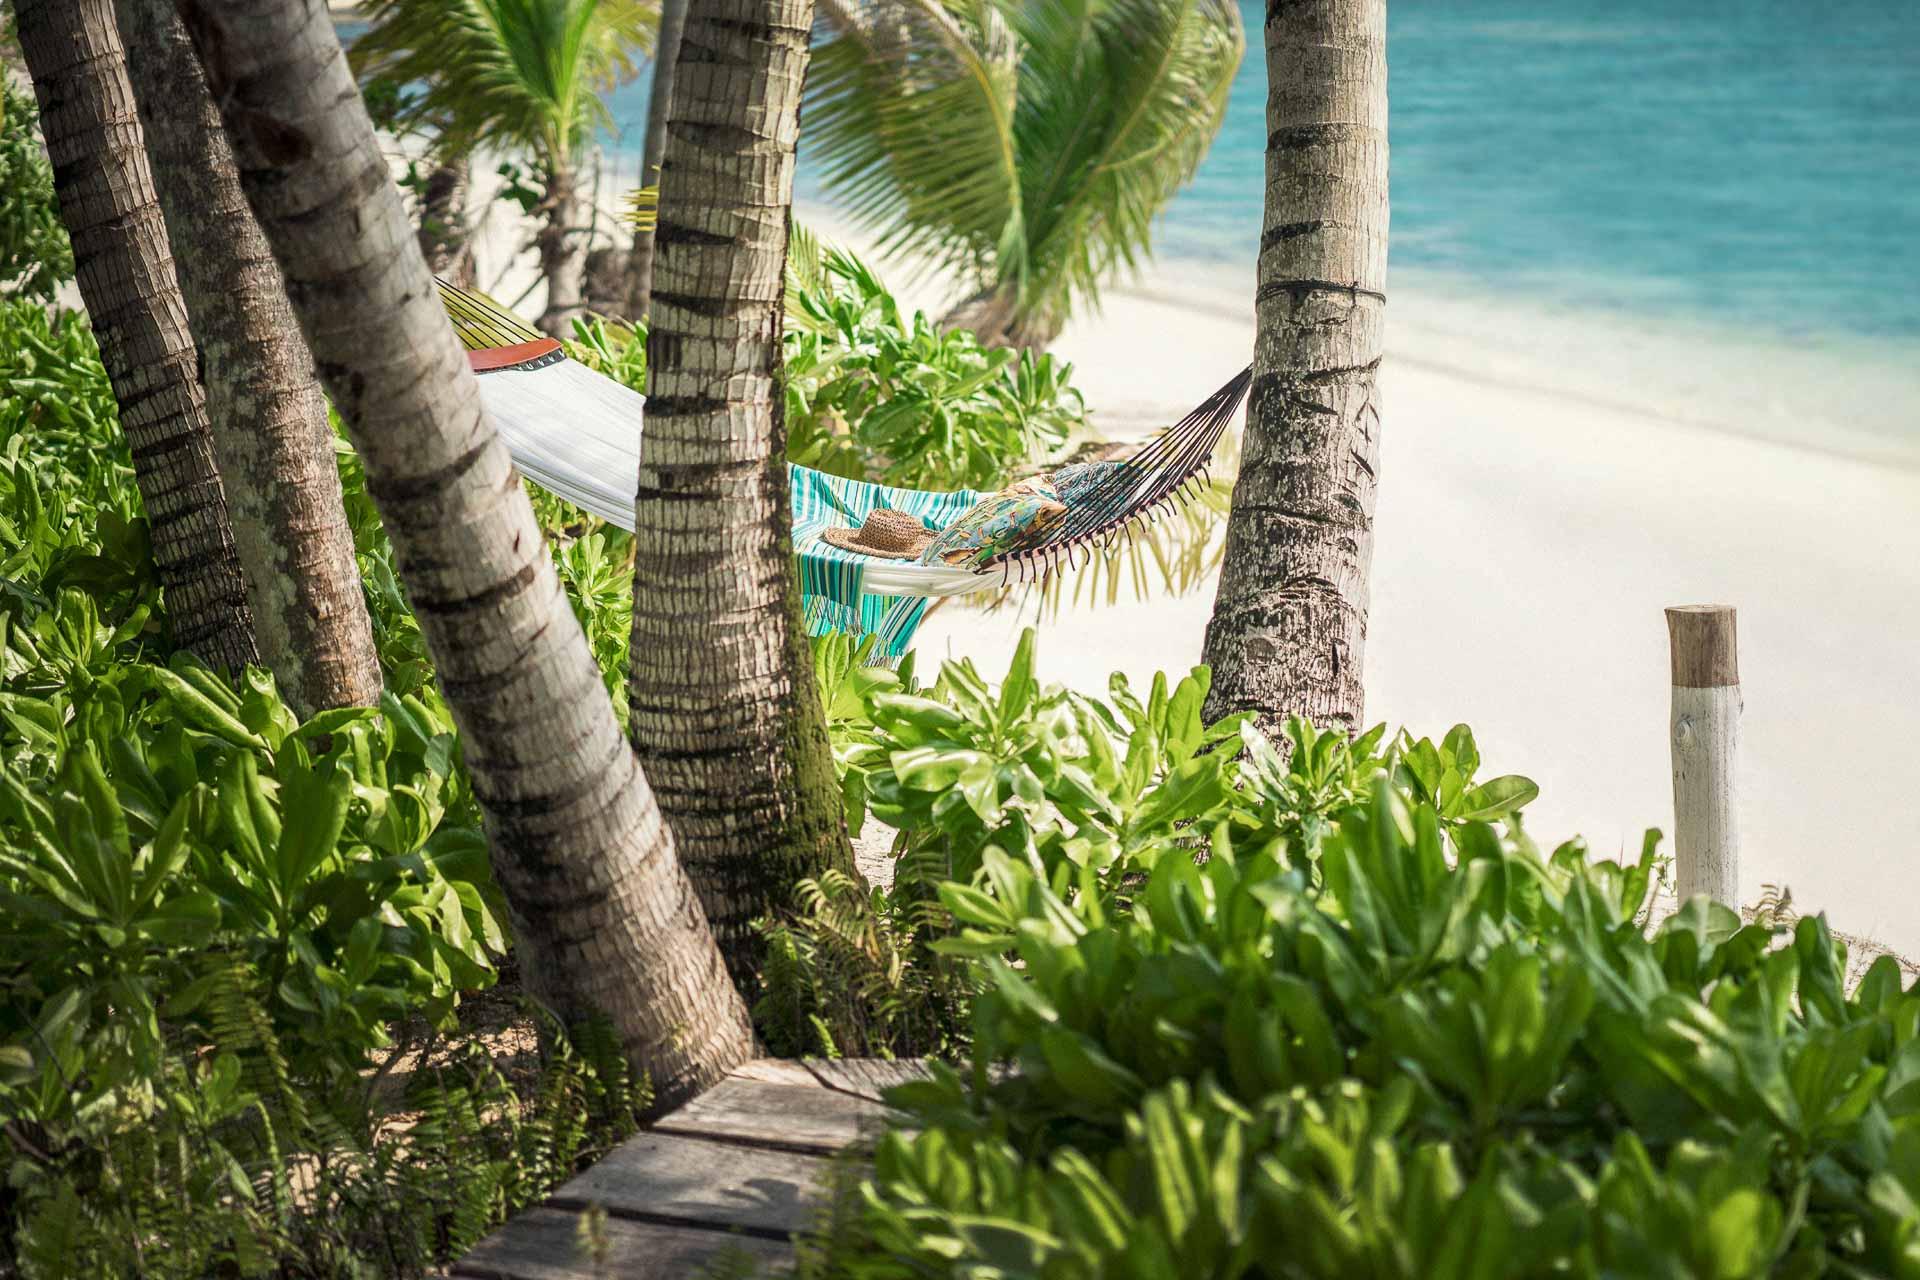 Chaque détail du resort a été imaginé pour créer une atmosphère propice à la relaxation